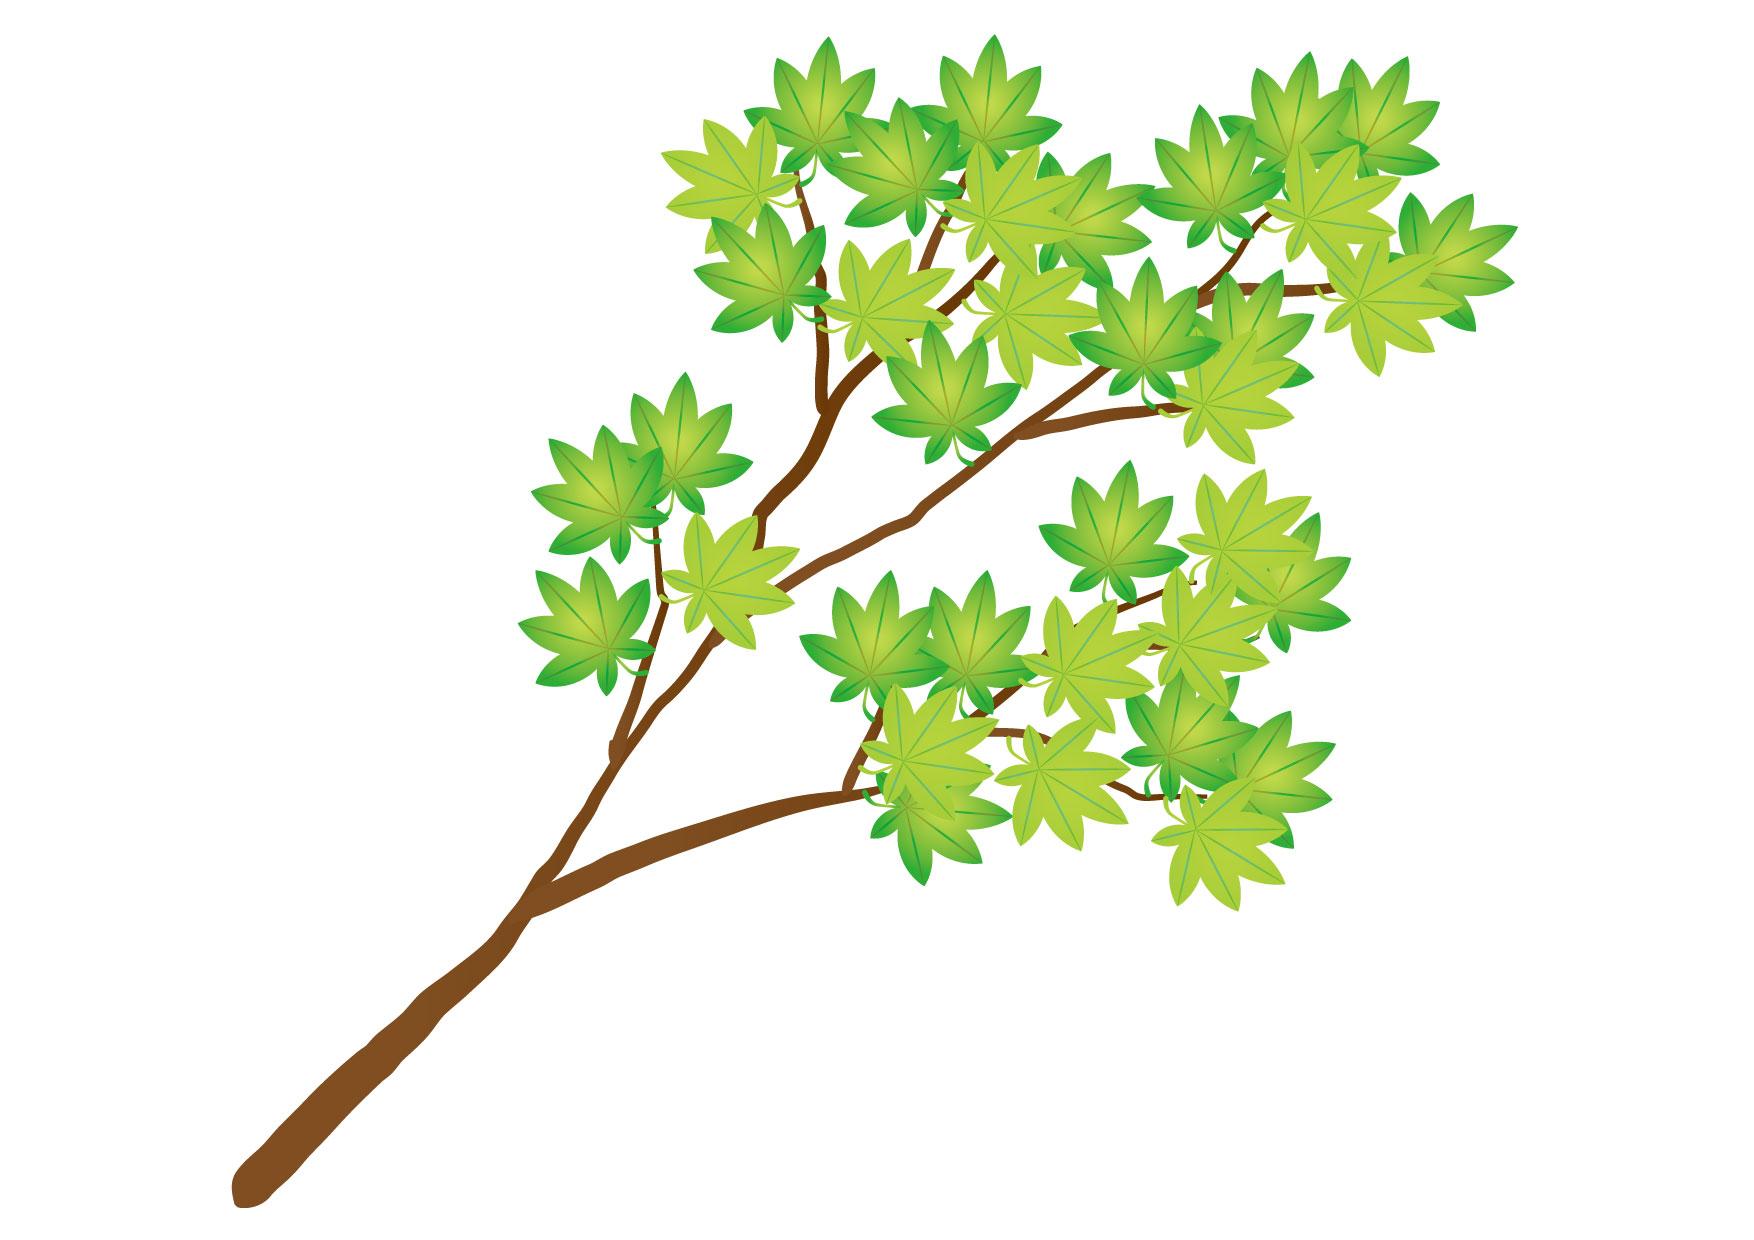 可愛いイラスト無料 もみじ 枝 緑色 − free illustration Maple branch green